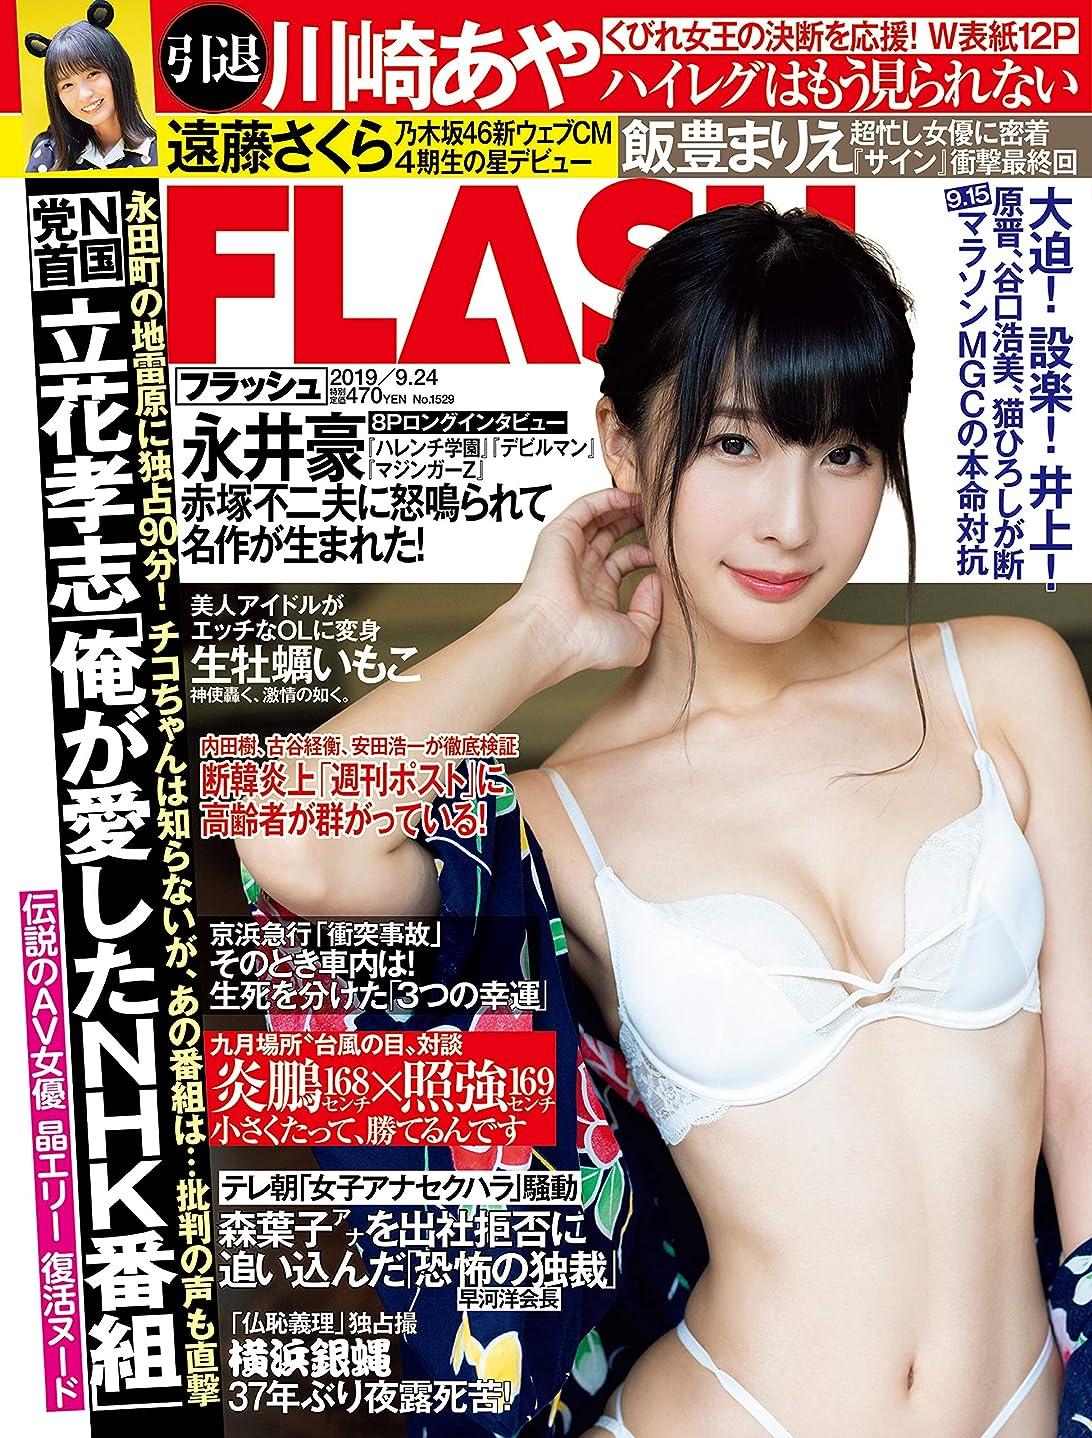 宿る格差童謡週刊FLASH(フラッシュ) 2019年9月24日号(1529号) [雑誌]